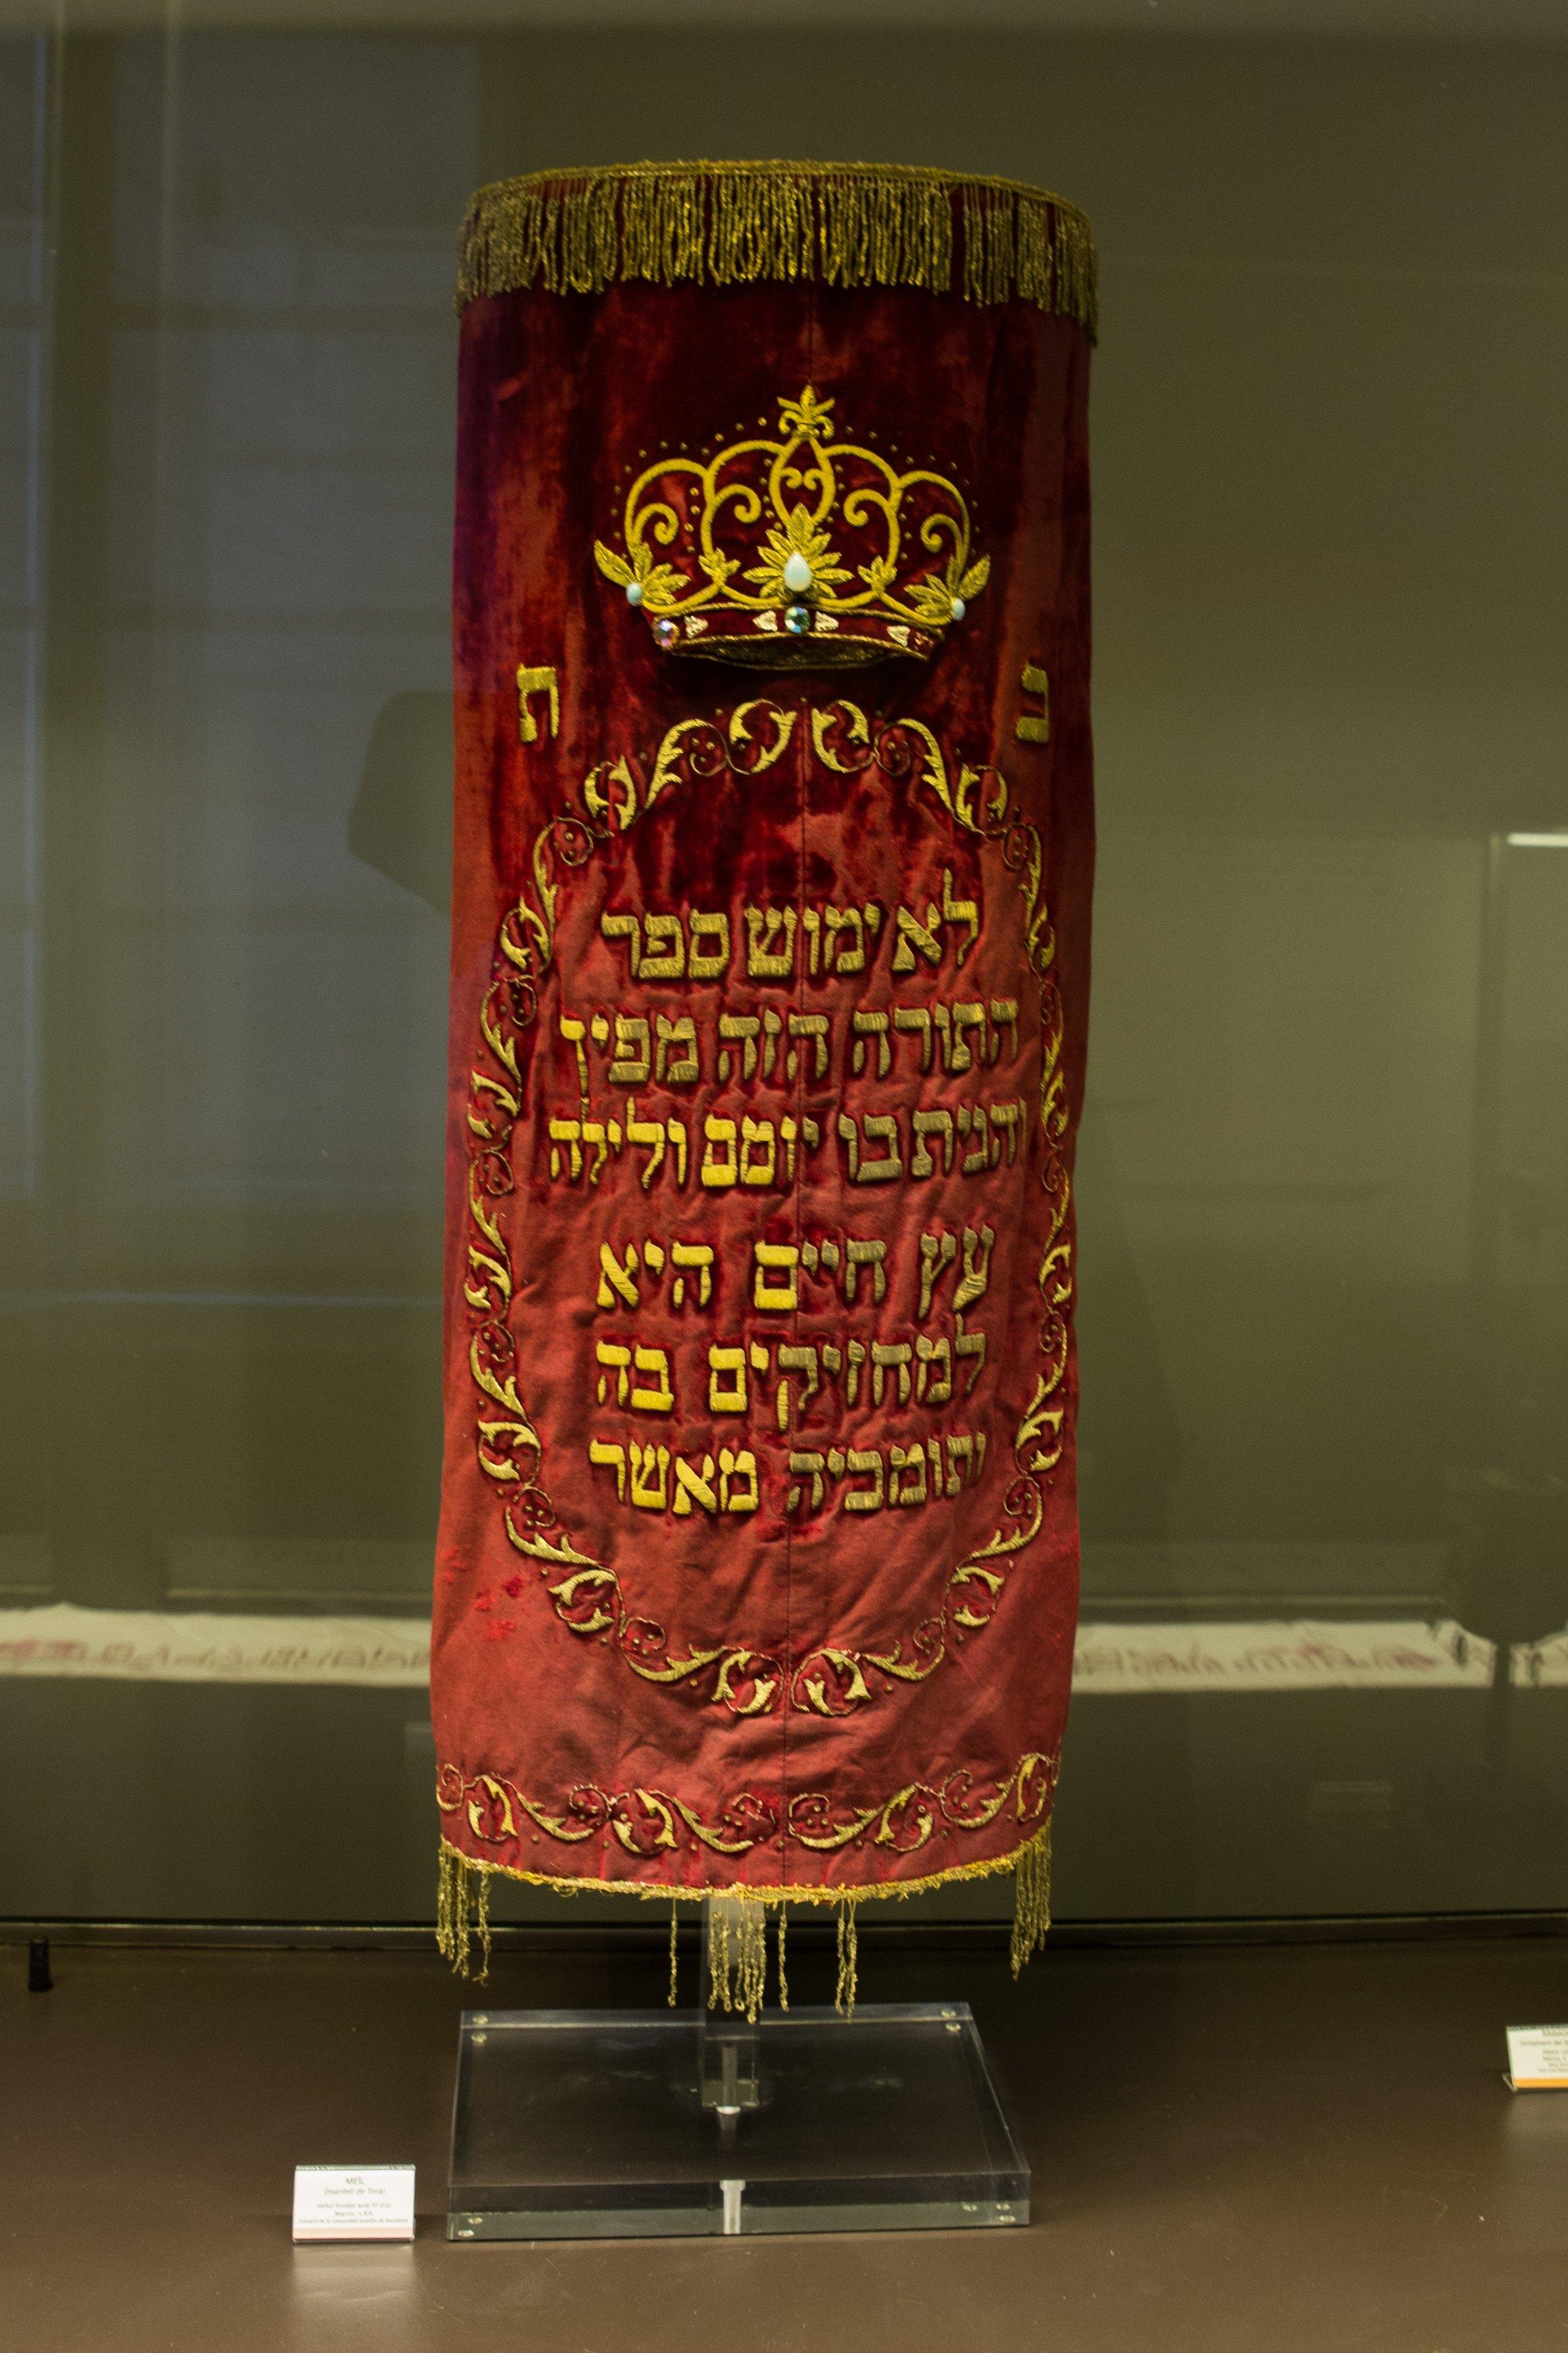 ספר תורה מוזיאון יהודי גירונה חירונה ספרד עפר גדנקן